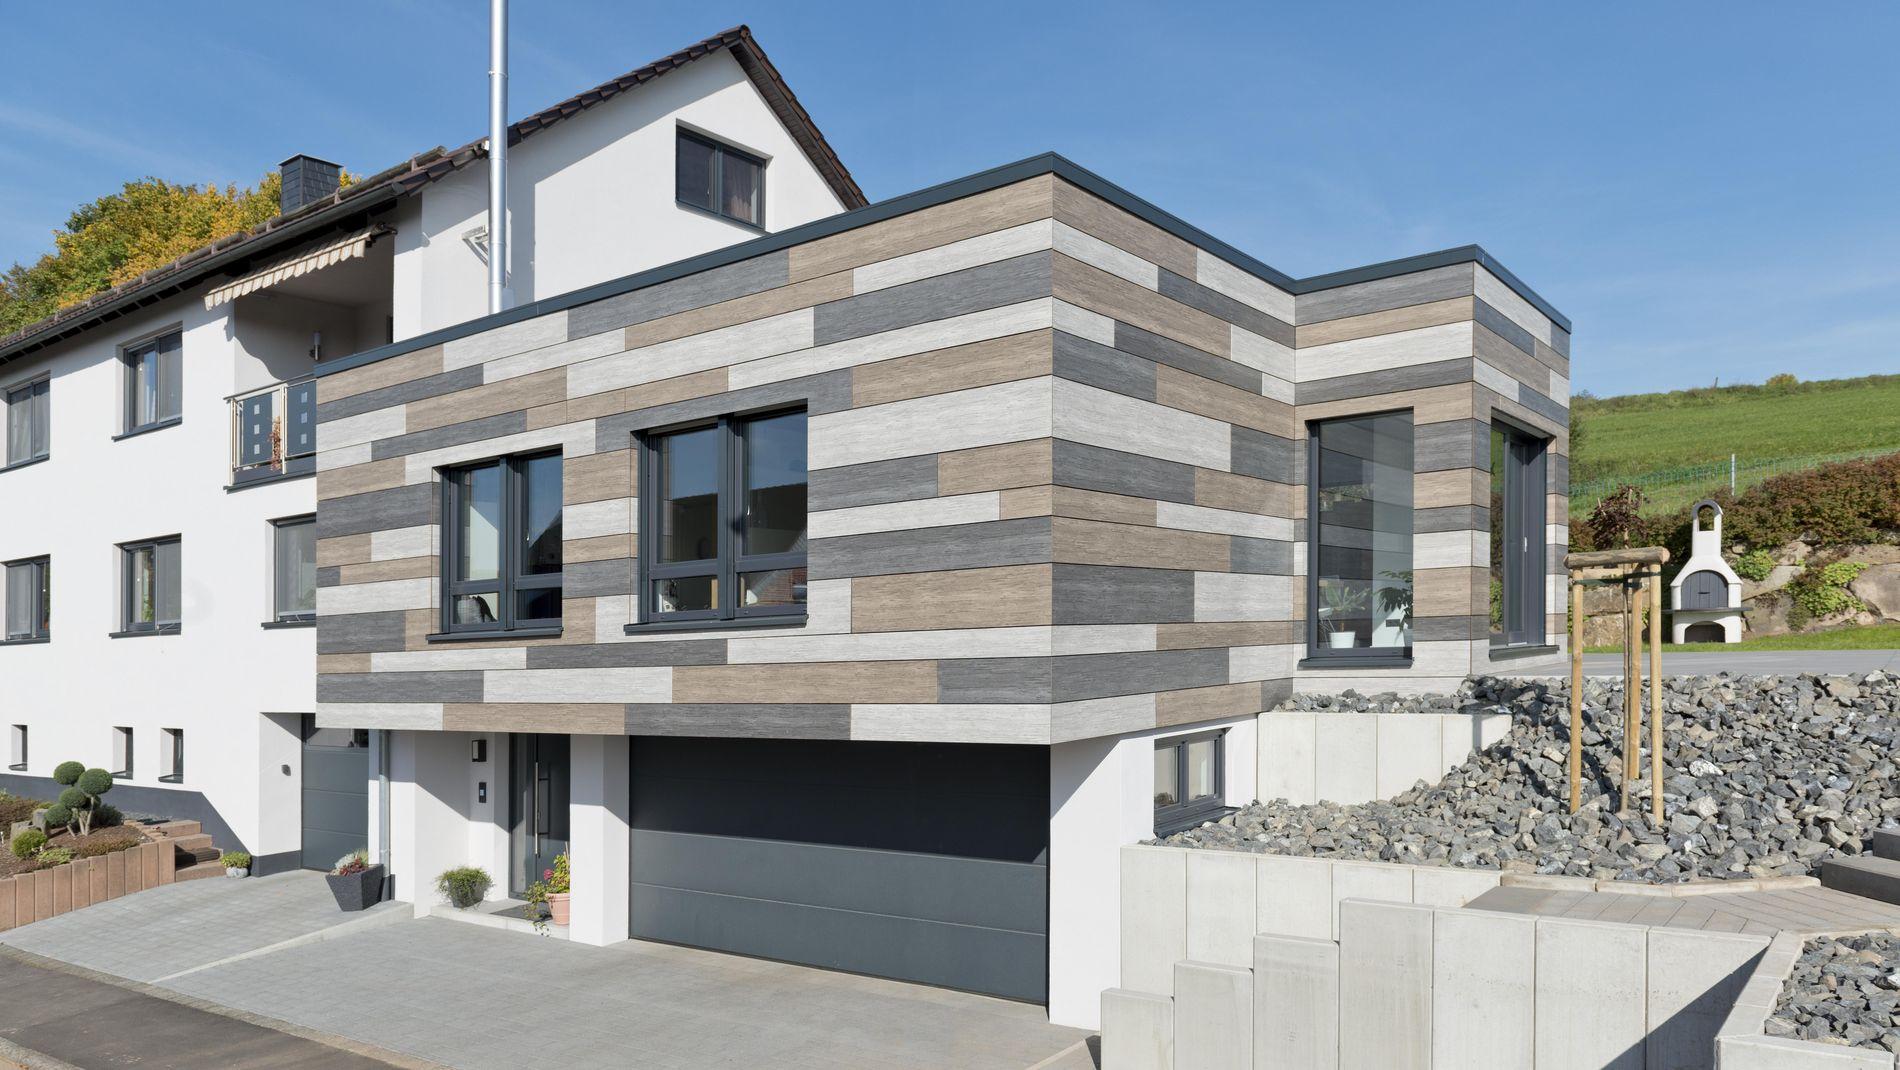 vorteile holzbau anbau aufstockung zimmermeisterhaus. Black Bedroom Furniture Sets. Home Design Ideas